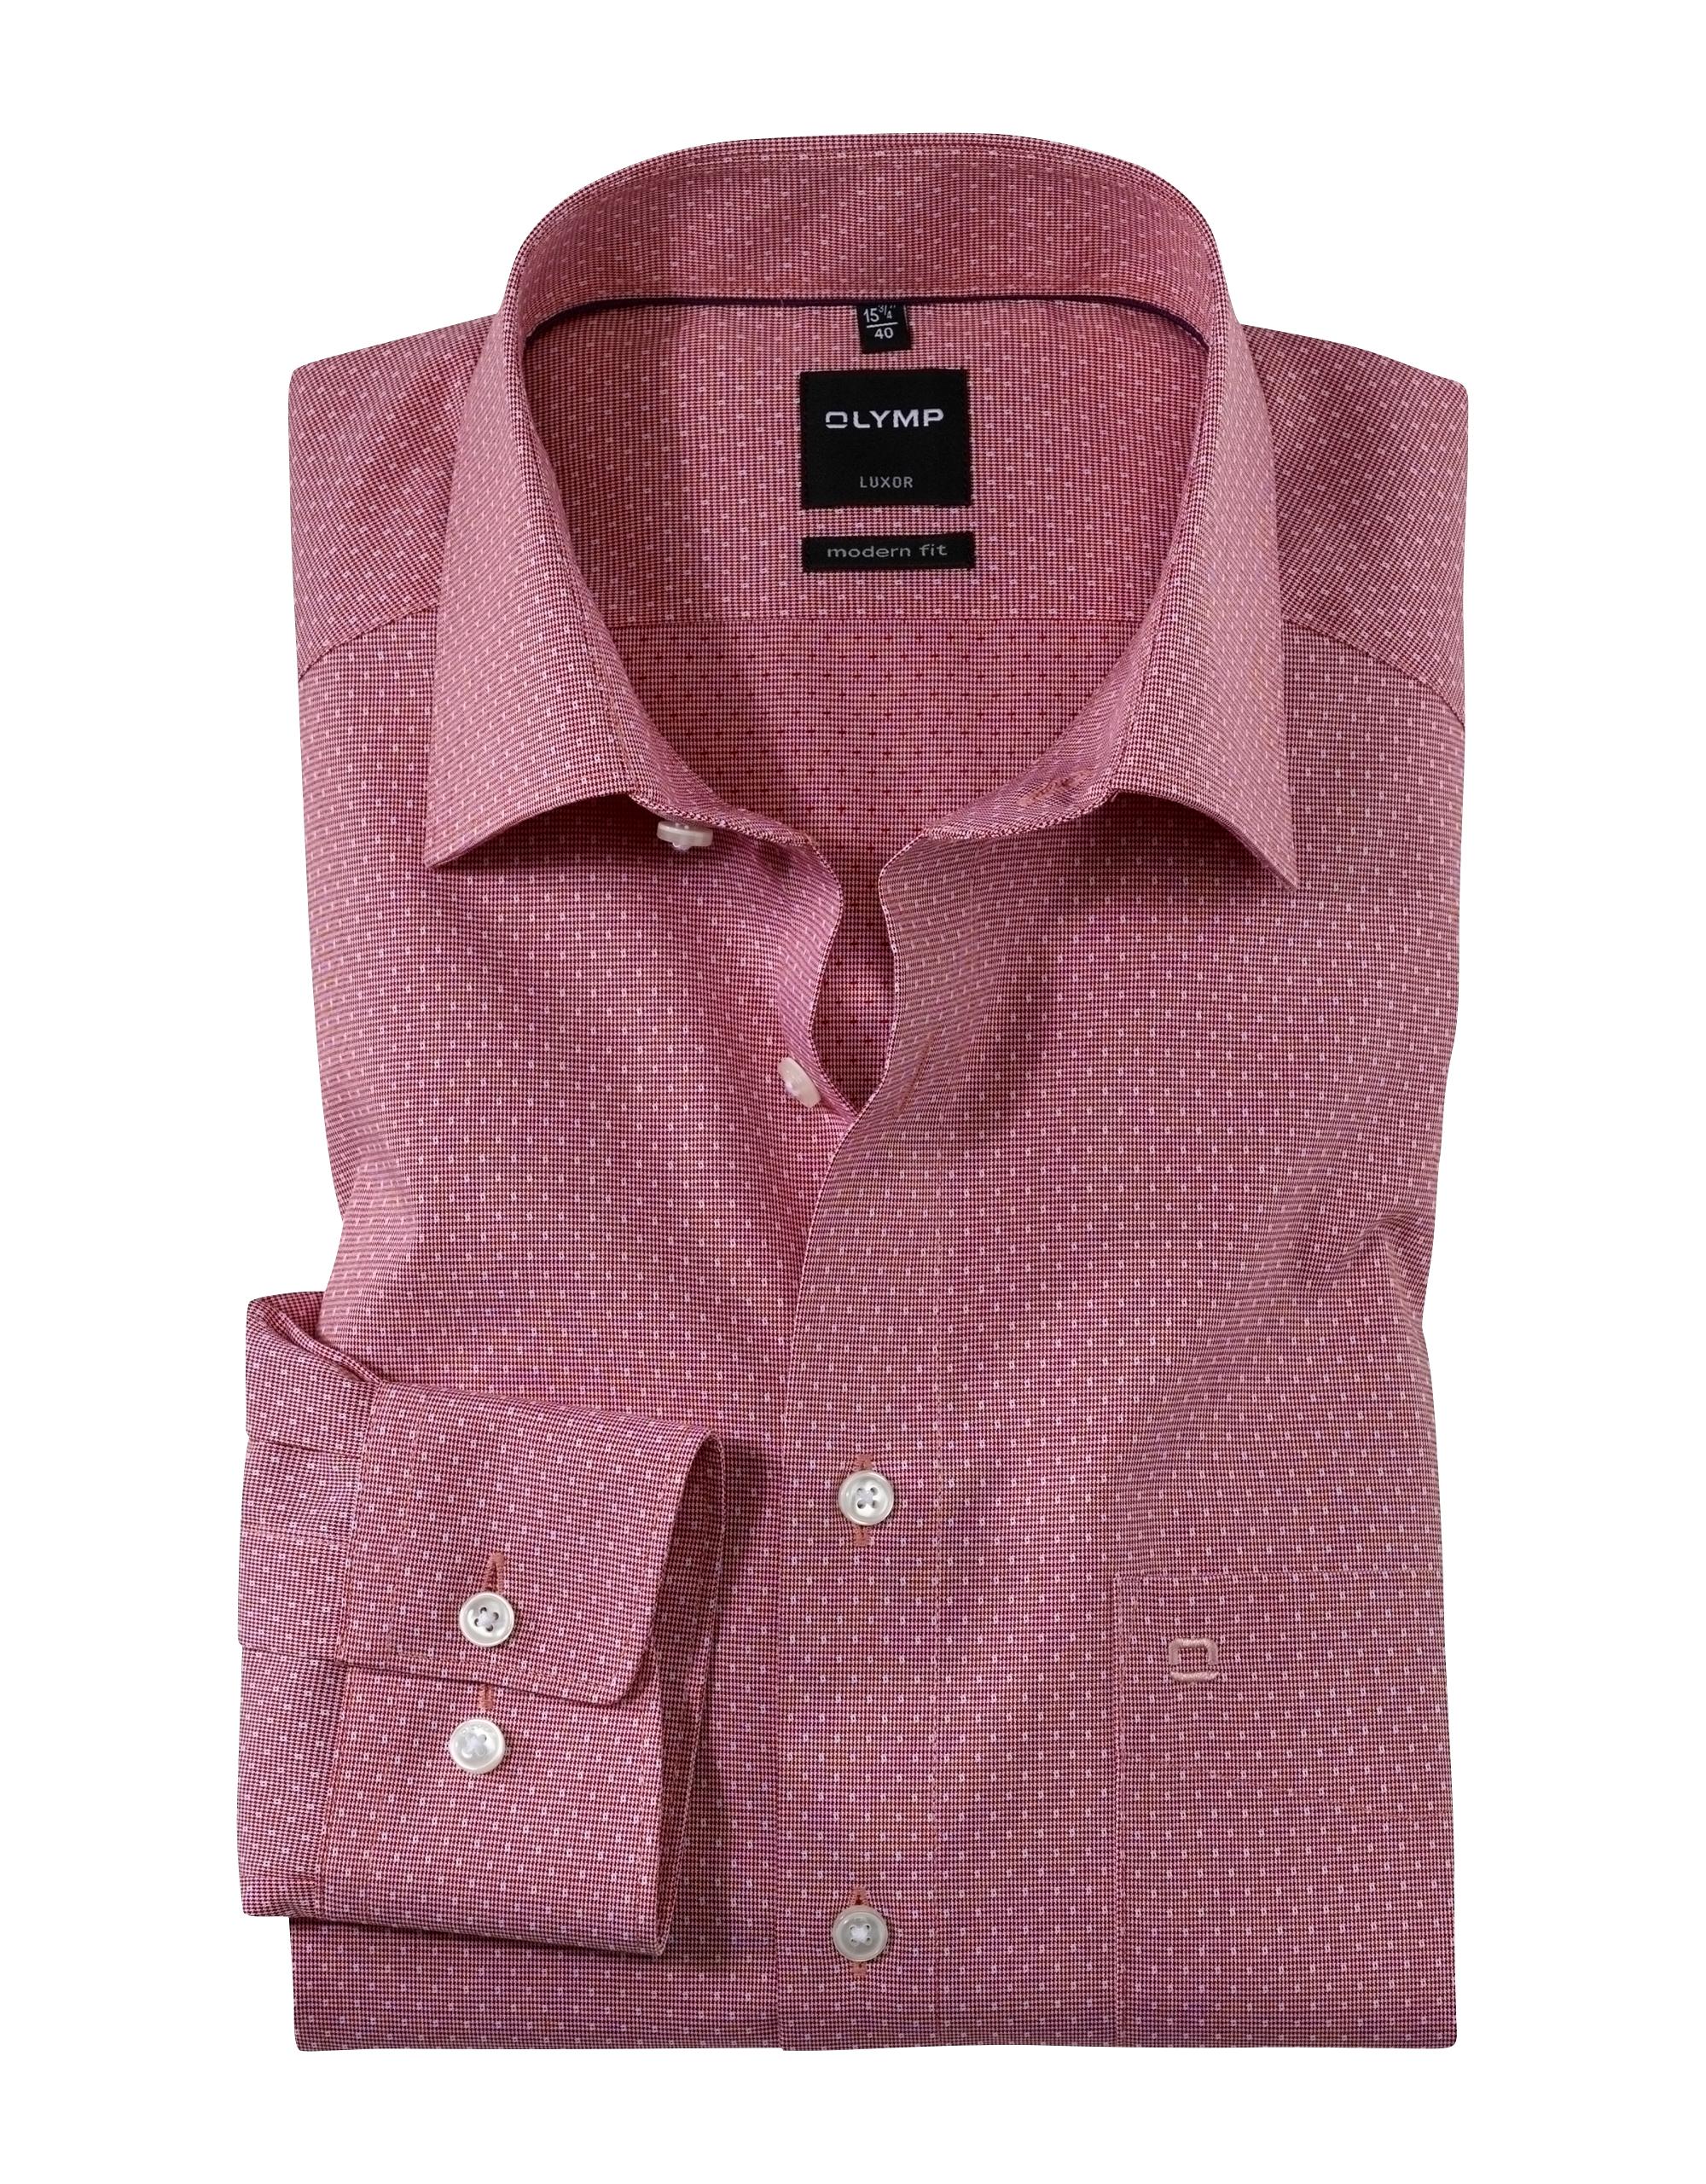 OLYMP Luxor Hemd, modern fit, New Kent, Rot, 40   Bekleidung > Hemden > Sonstige Hemden   Rot   100% baumwolle   OLYMP Luxor